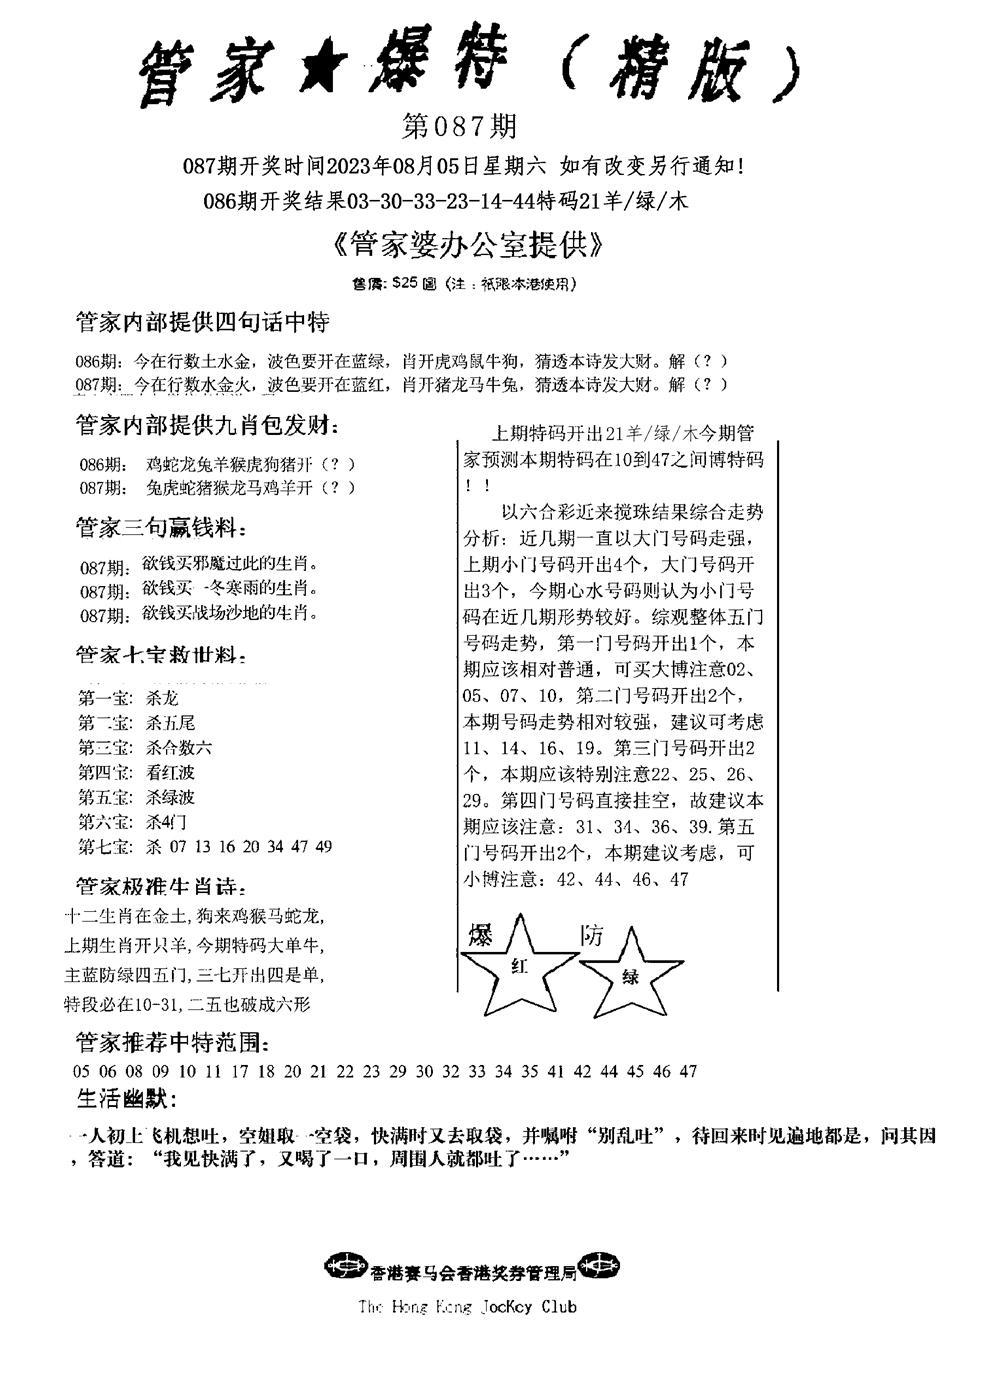 087期管家爆特精版(黑白)